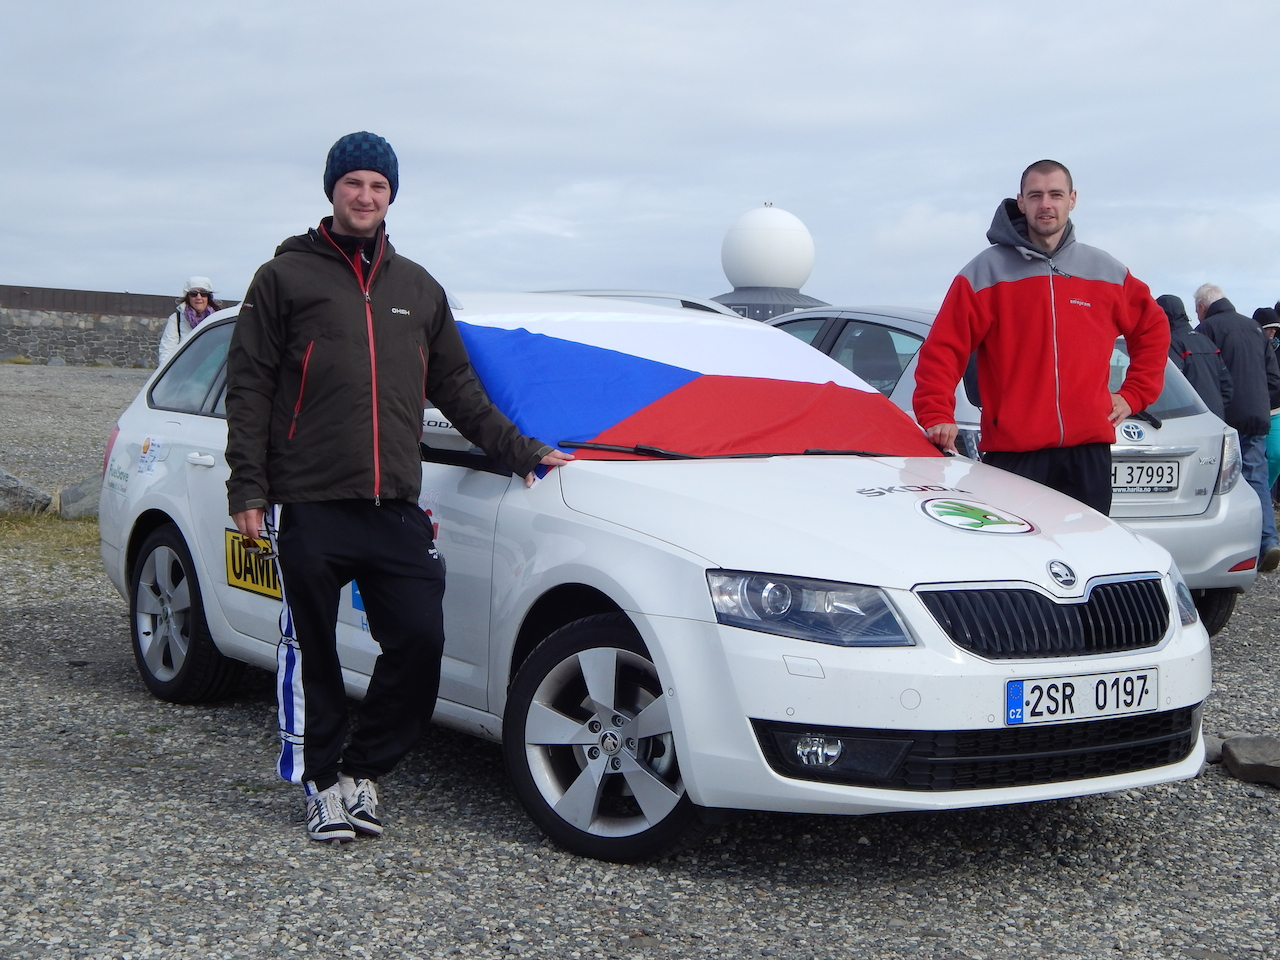 Nordkapp 2013 - posádka u auta